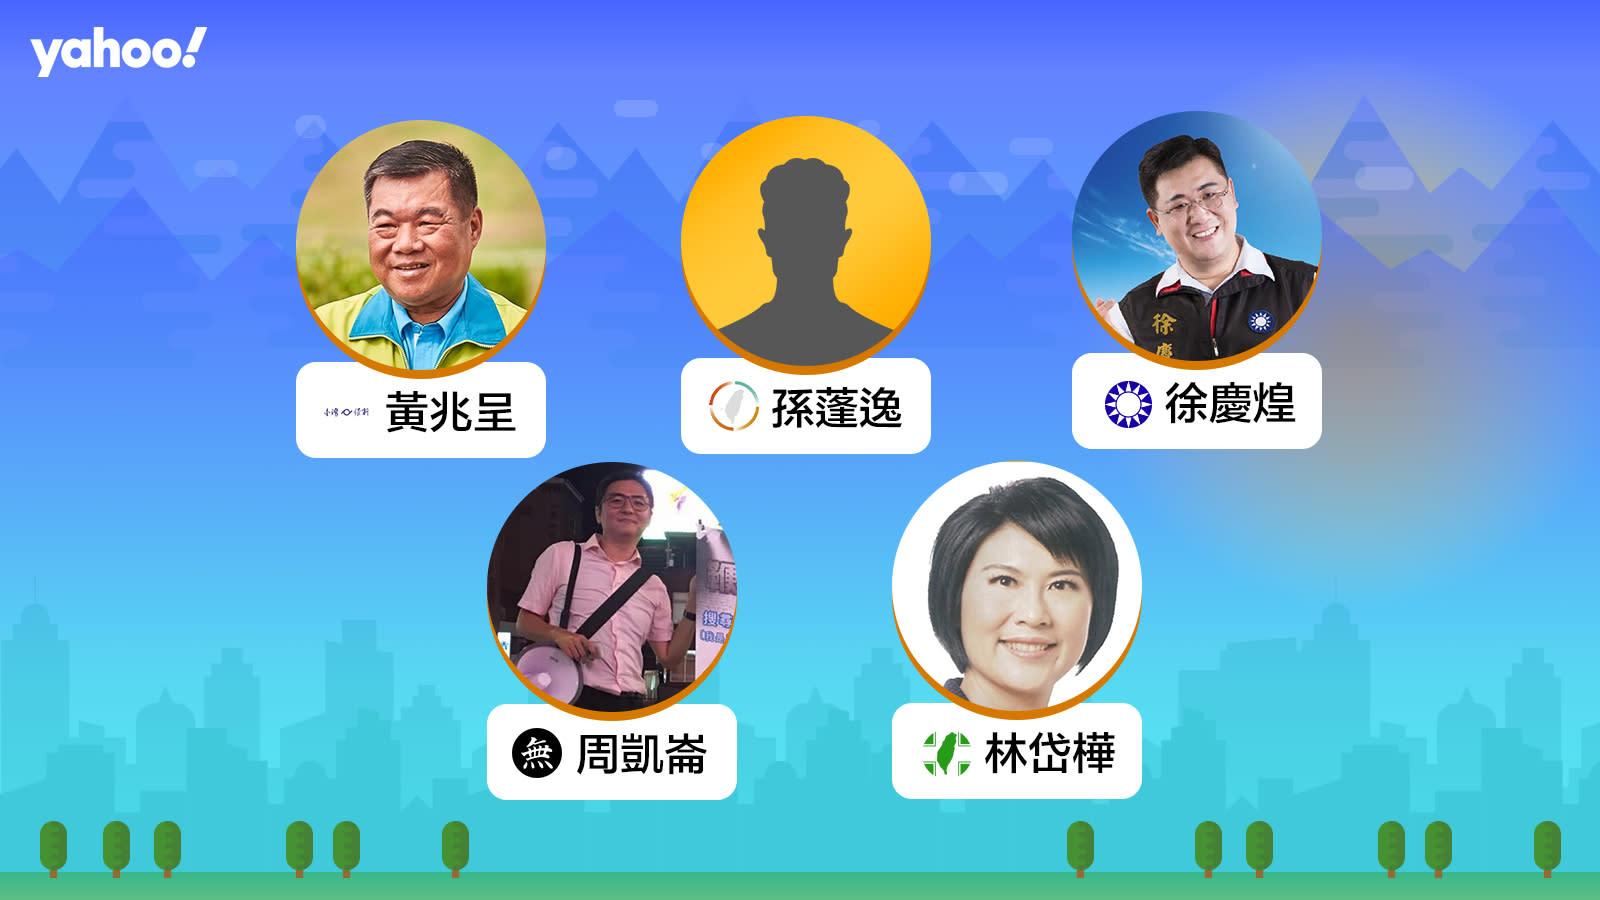 2020立委選舉高雄市第四選區(仁武、鳥松、大寮、林園),你支持誰?